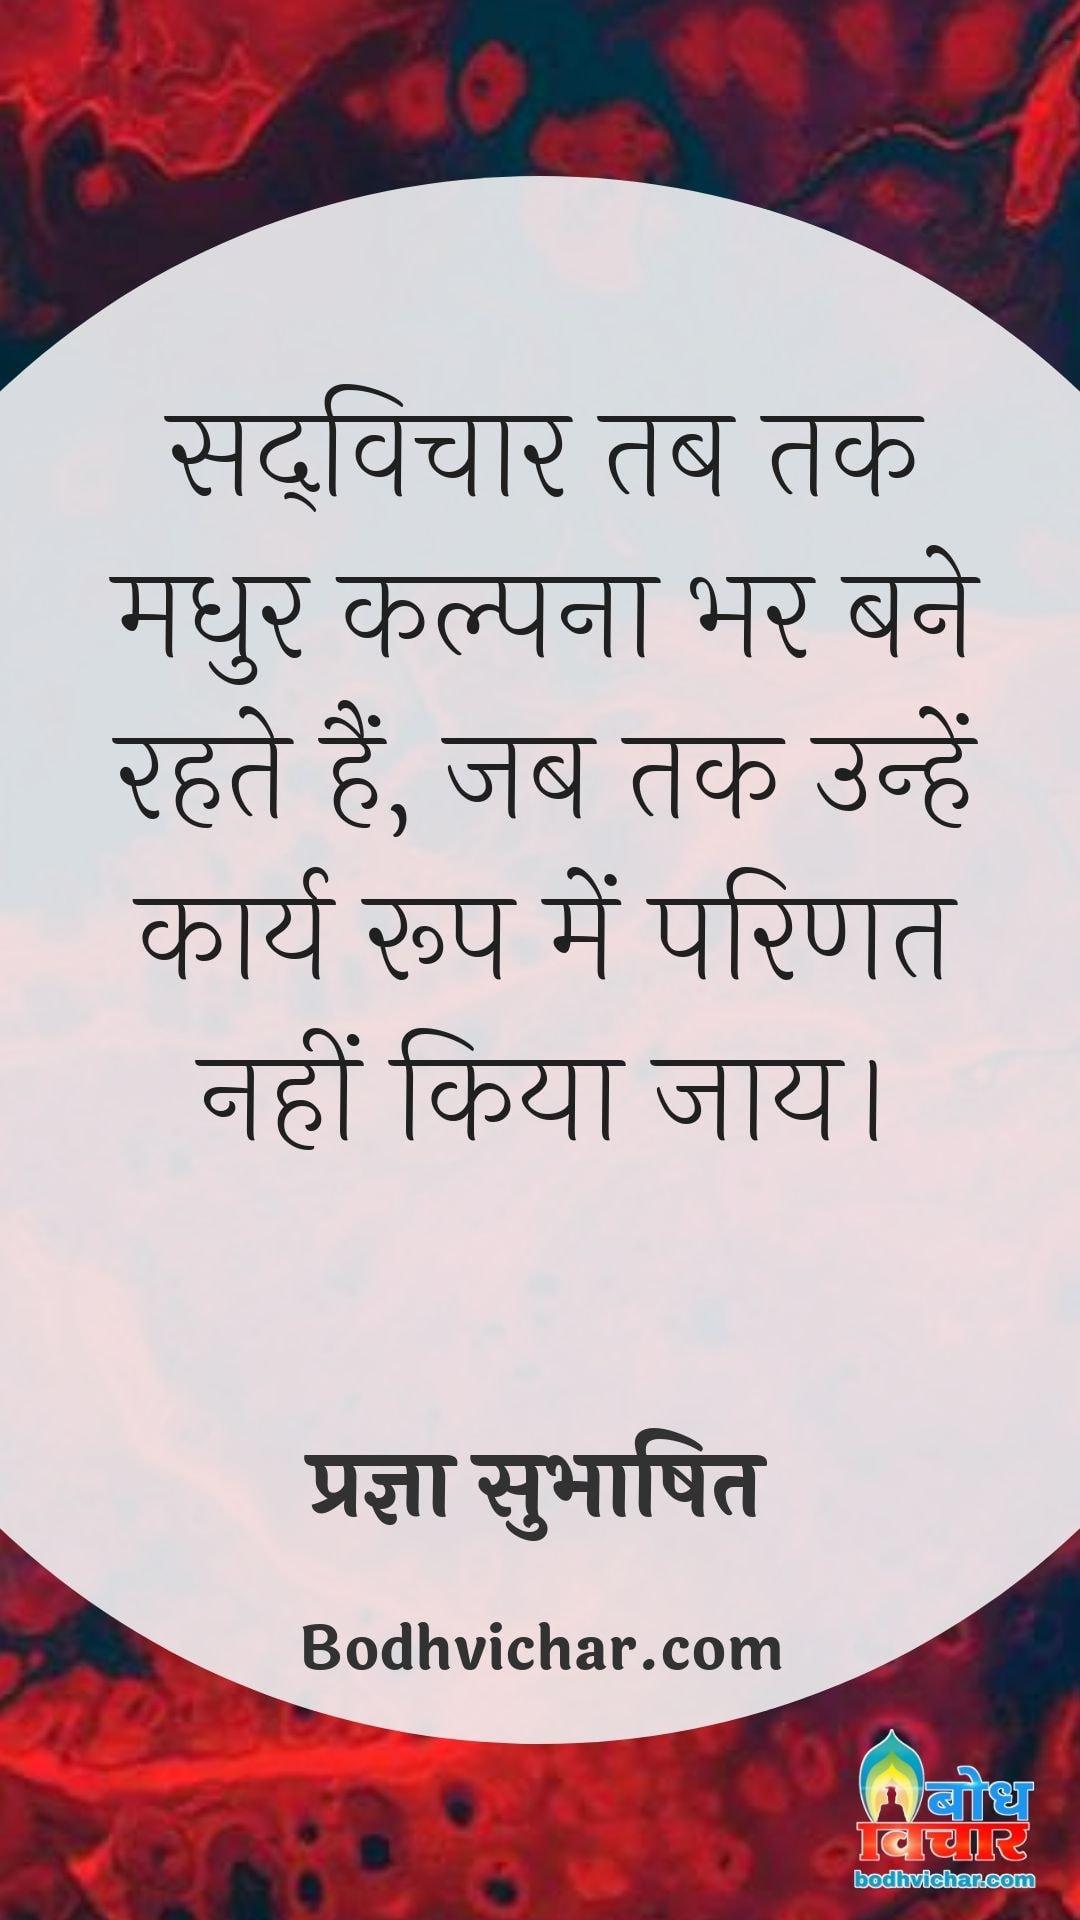 सद्विचार तब तक मधुर कल्पना भर बने रहते हैं, जब तक उन्हें कार्य रूप में परिणत नहीं किया जाय। : Sadvichar tab tak madhur kalpana bhar bane rahte hain, jab tak unhe karya roop me parinit nahi kiya jata. - प्रज्ञा सुभाषित